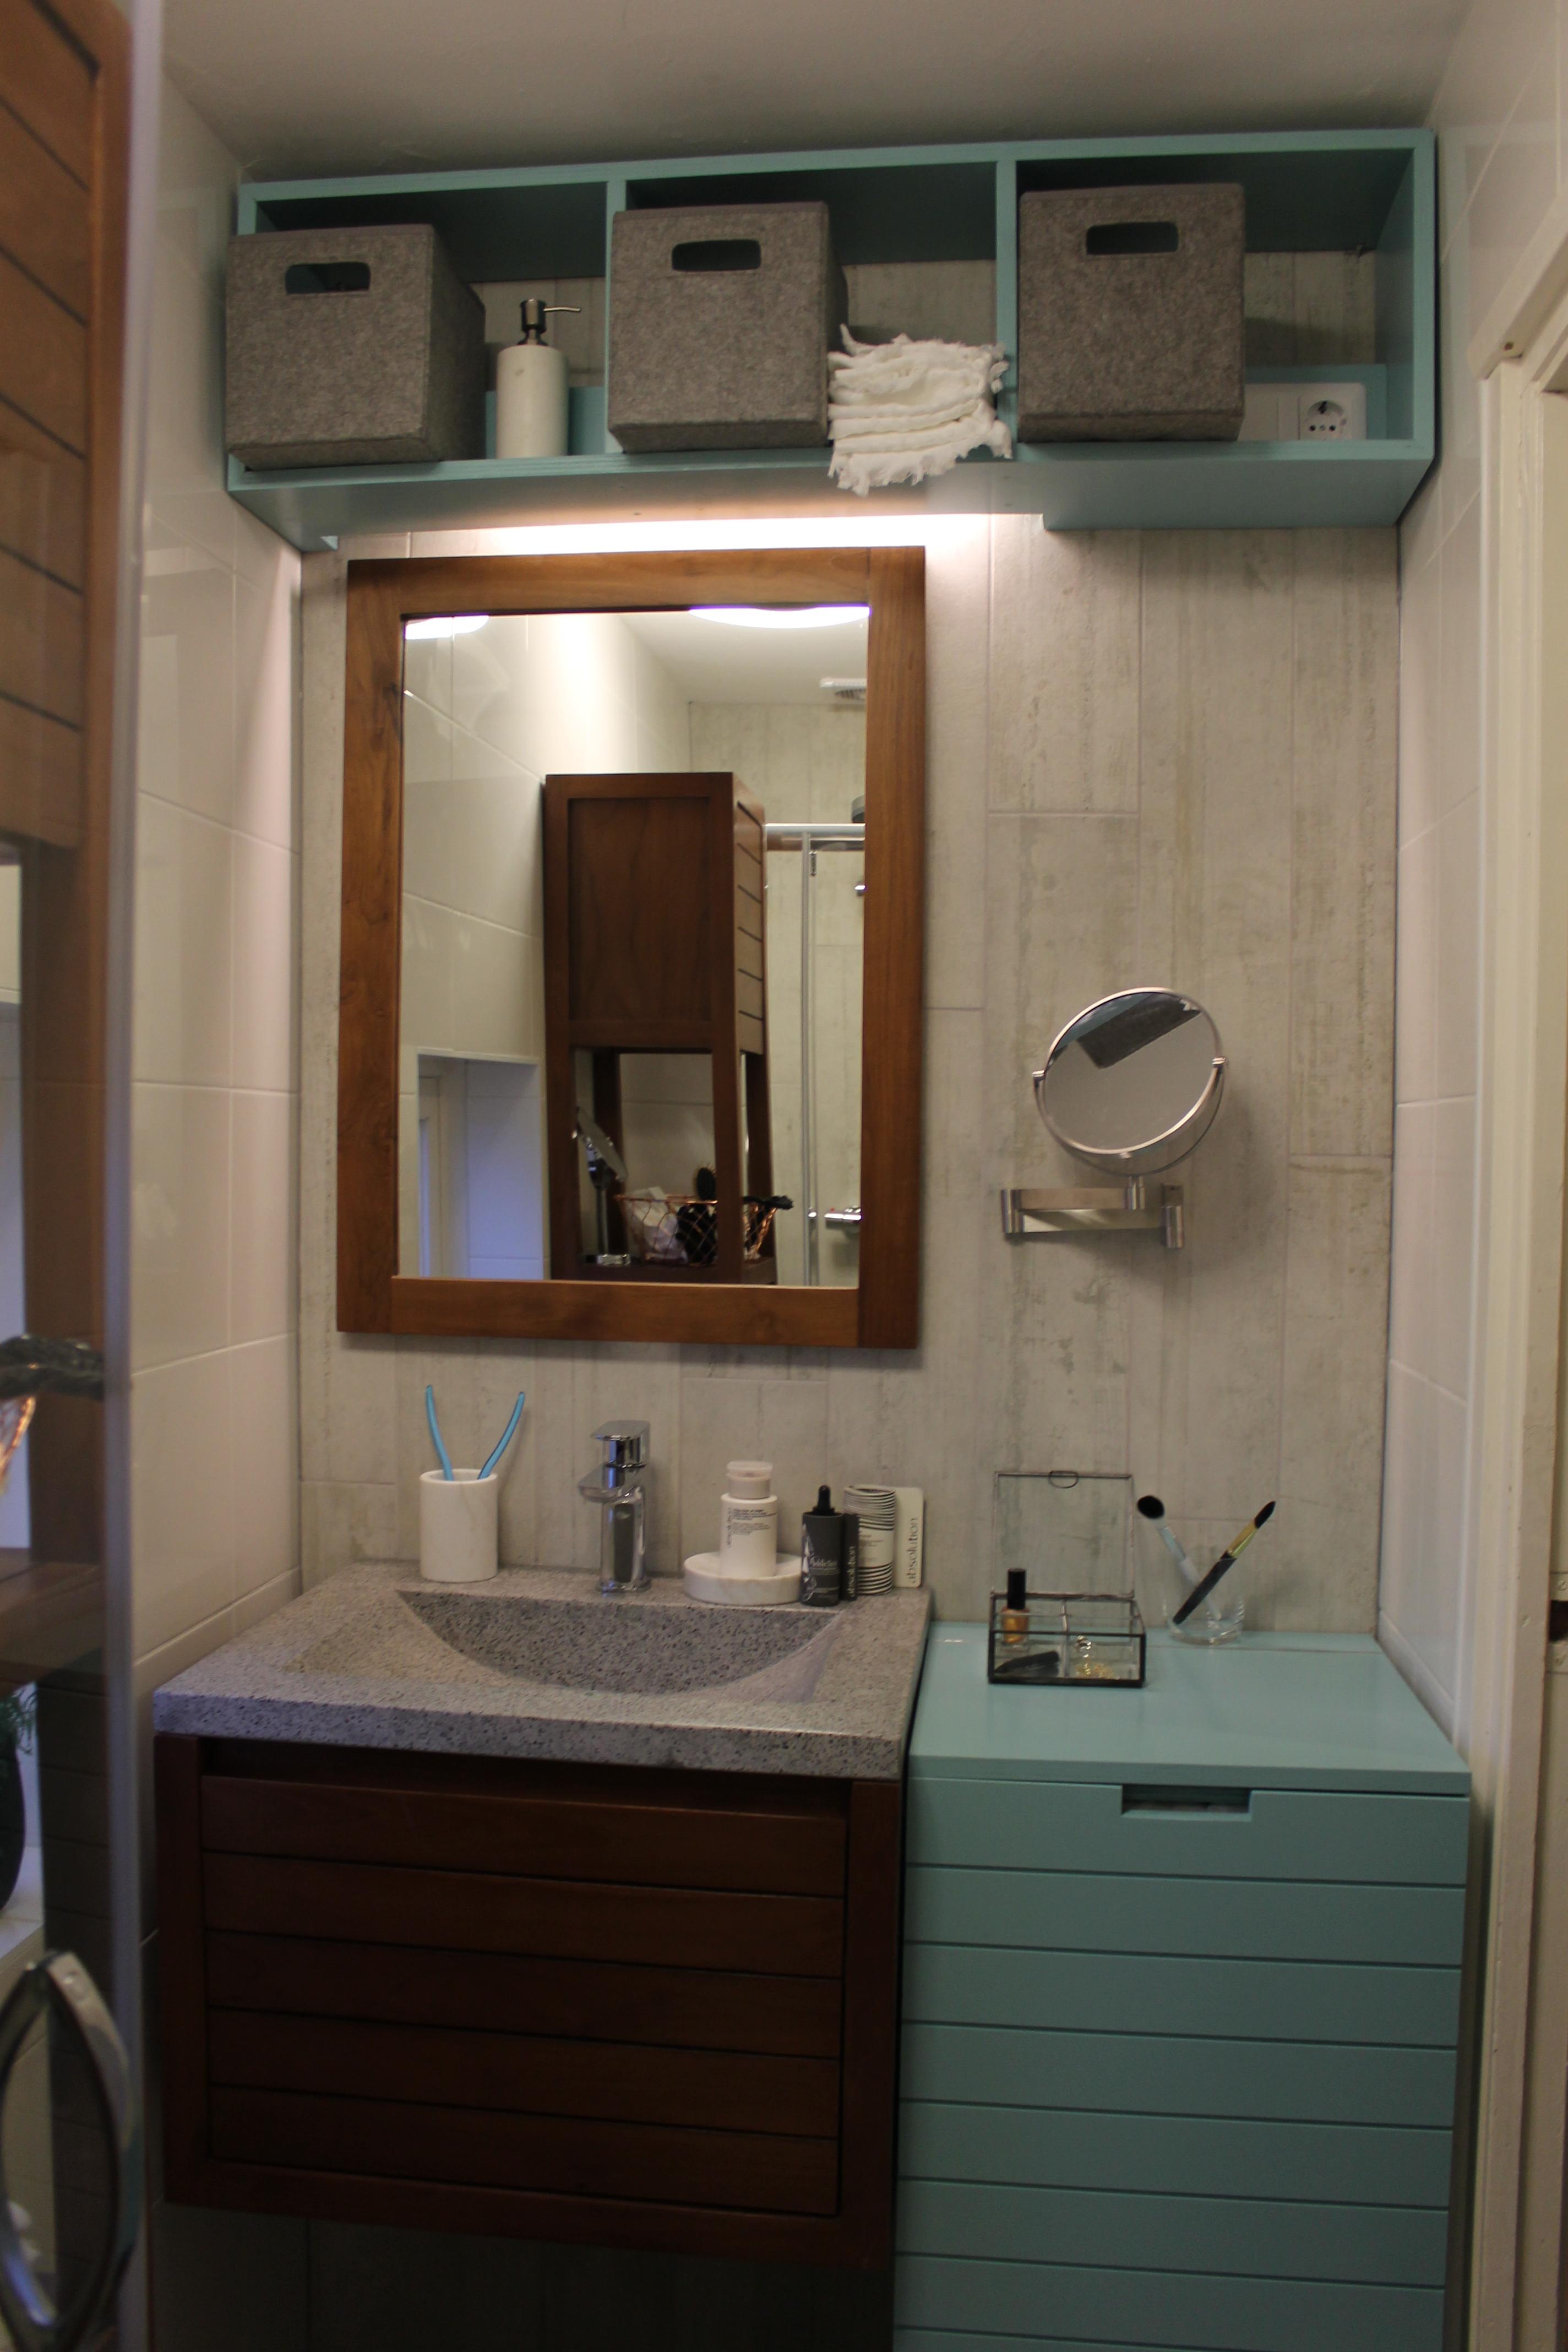 kolomkast badkamer praxis badkamermeubel voordemakers